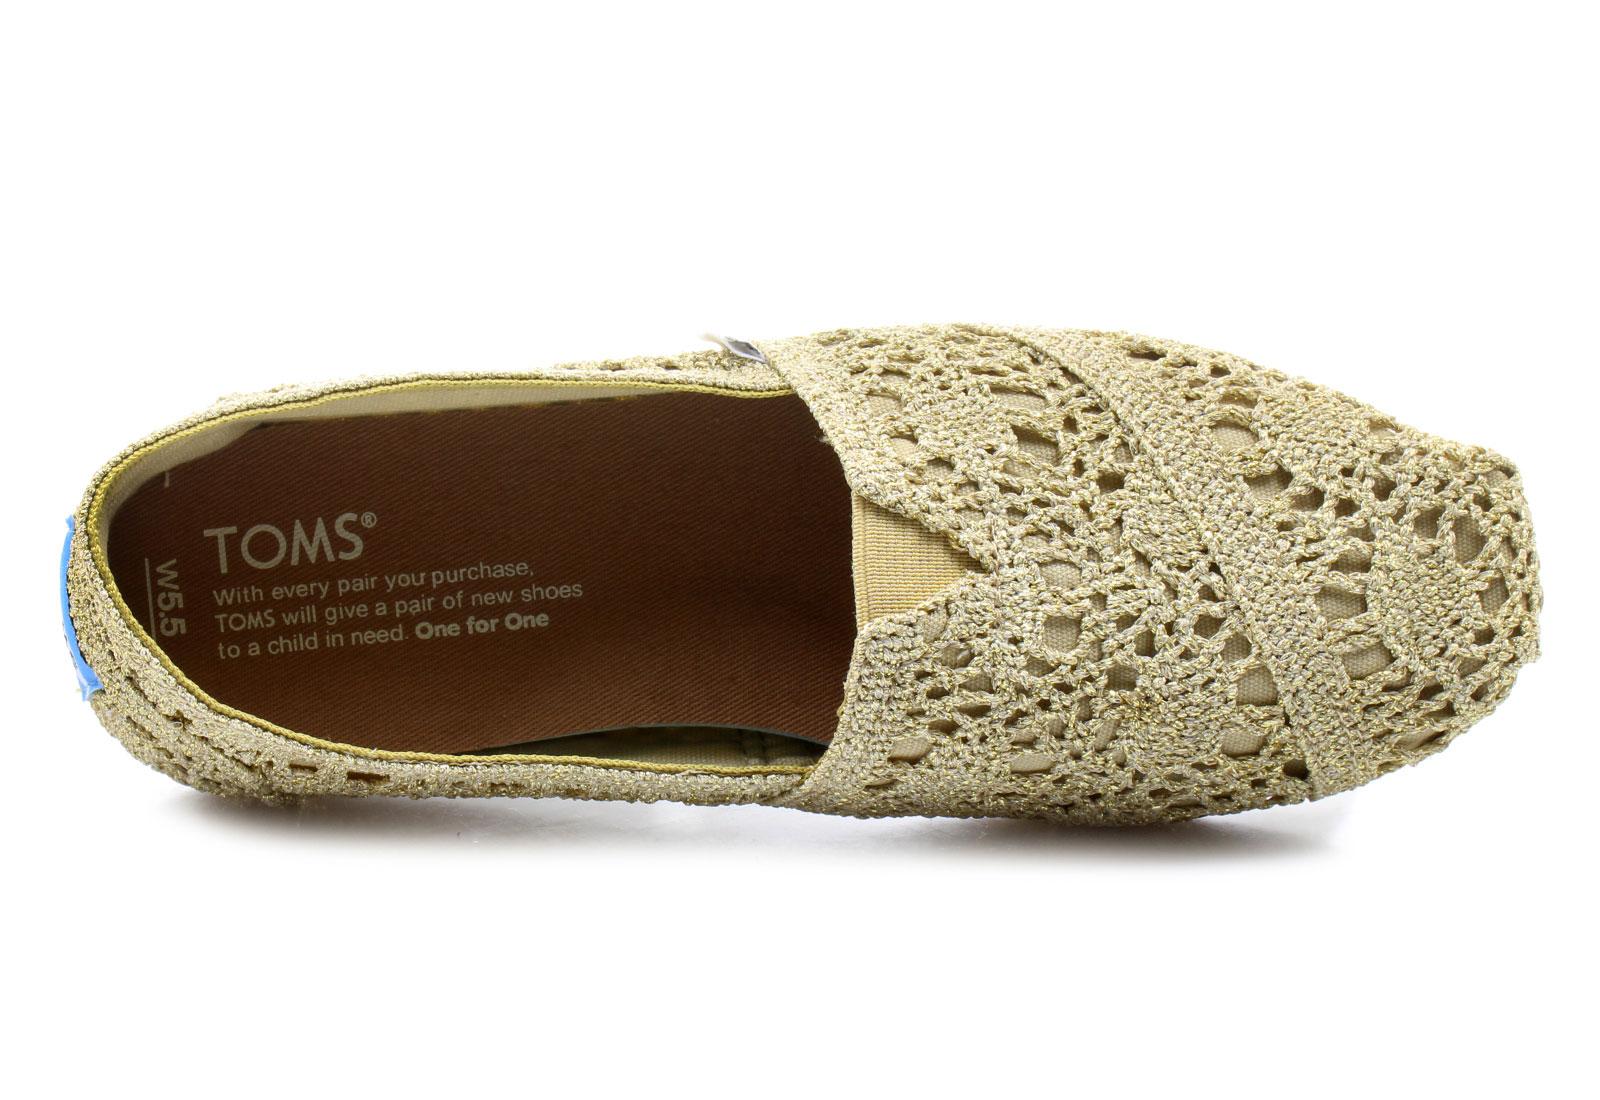 Toms Nízké boty - Alpargata Crochet - 10008006-gldTenisky 494ca4e1755